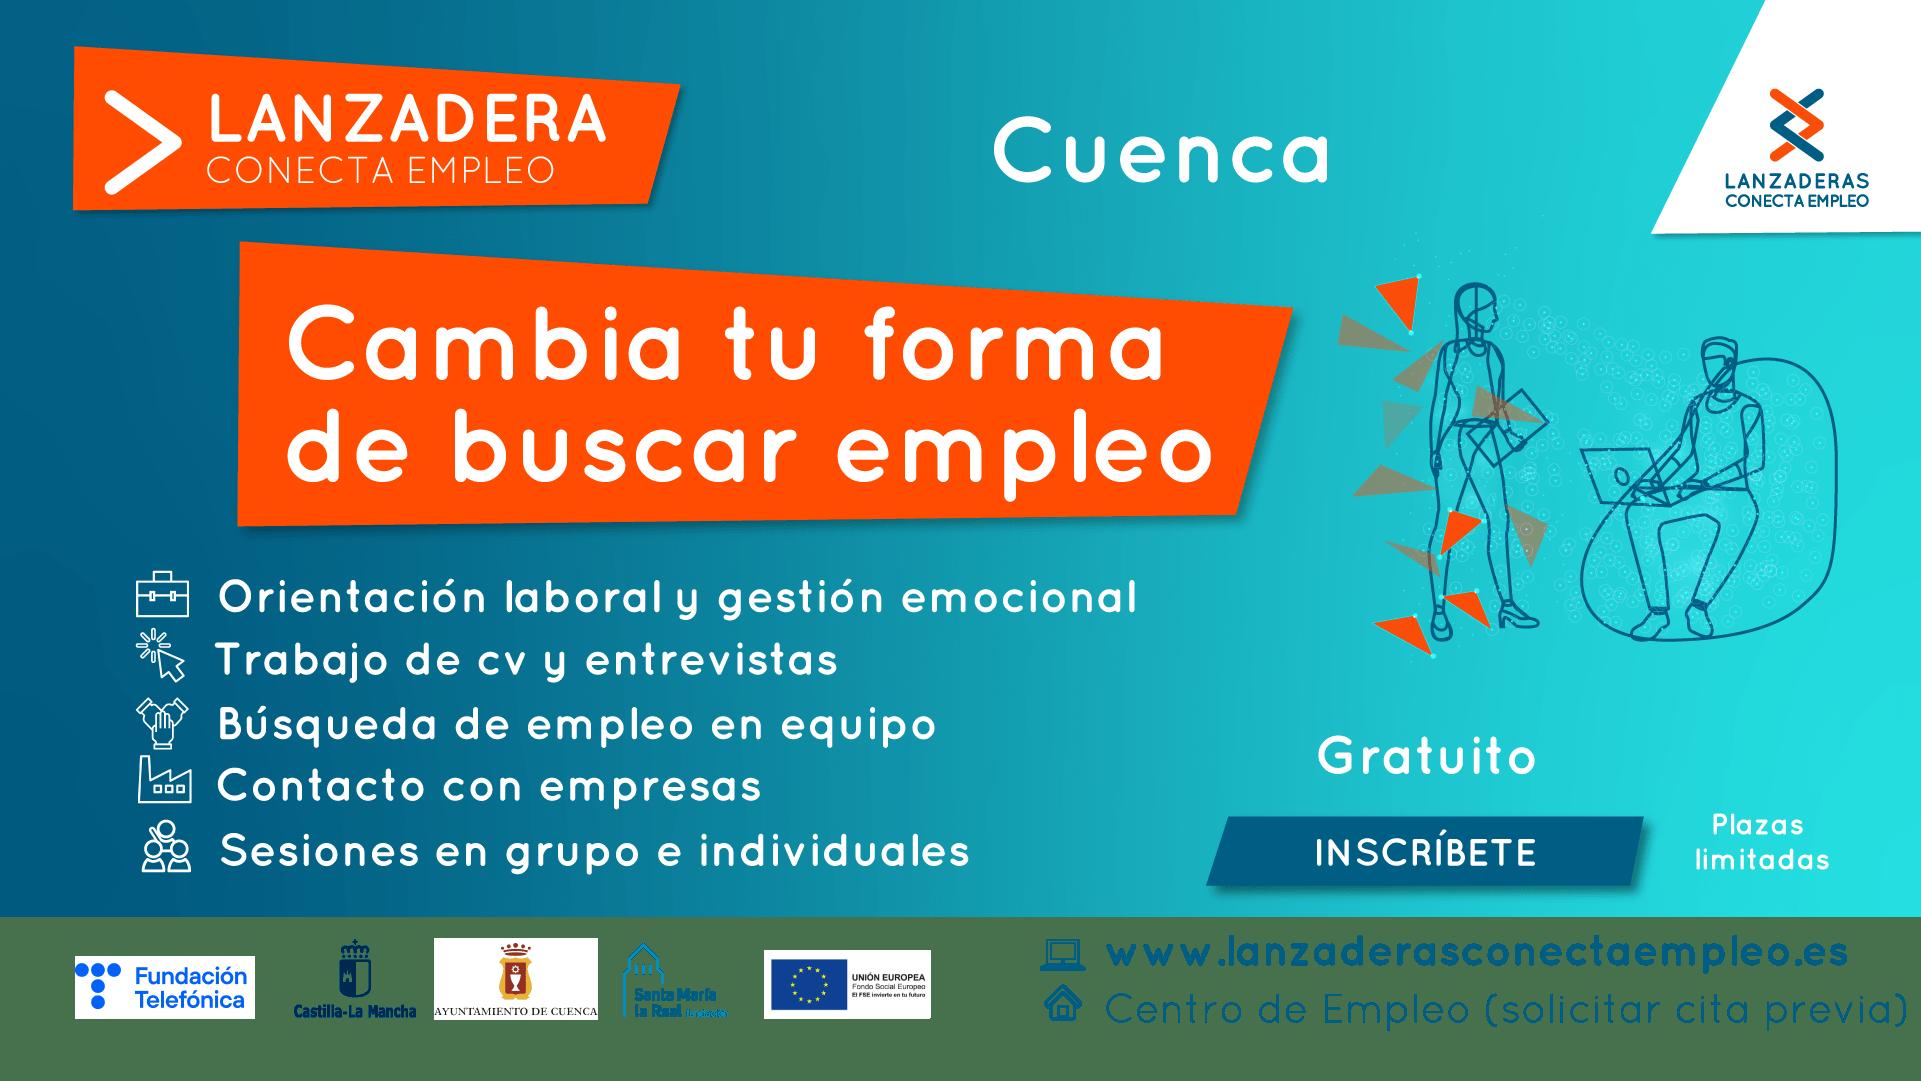 Últimos días para apuntarse a la Lanzadera Conecta Empleo de Cuenca